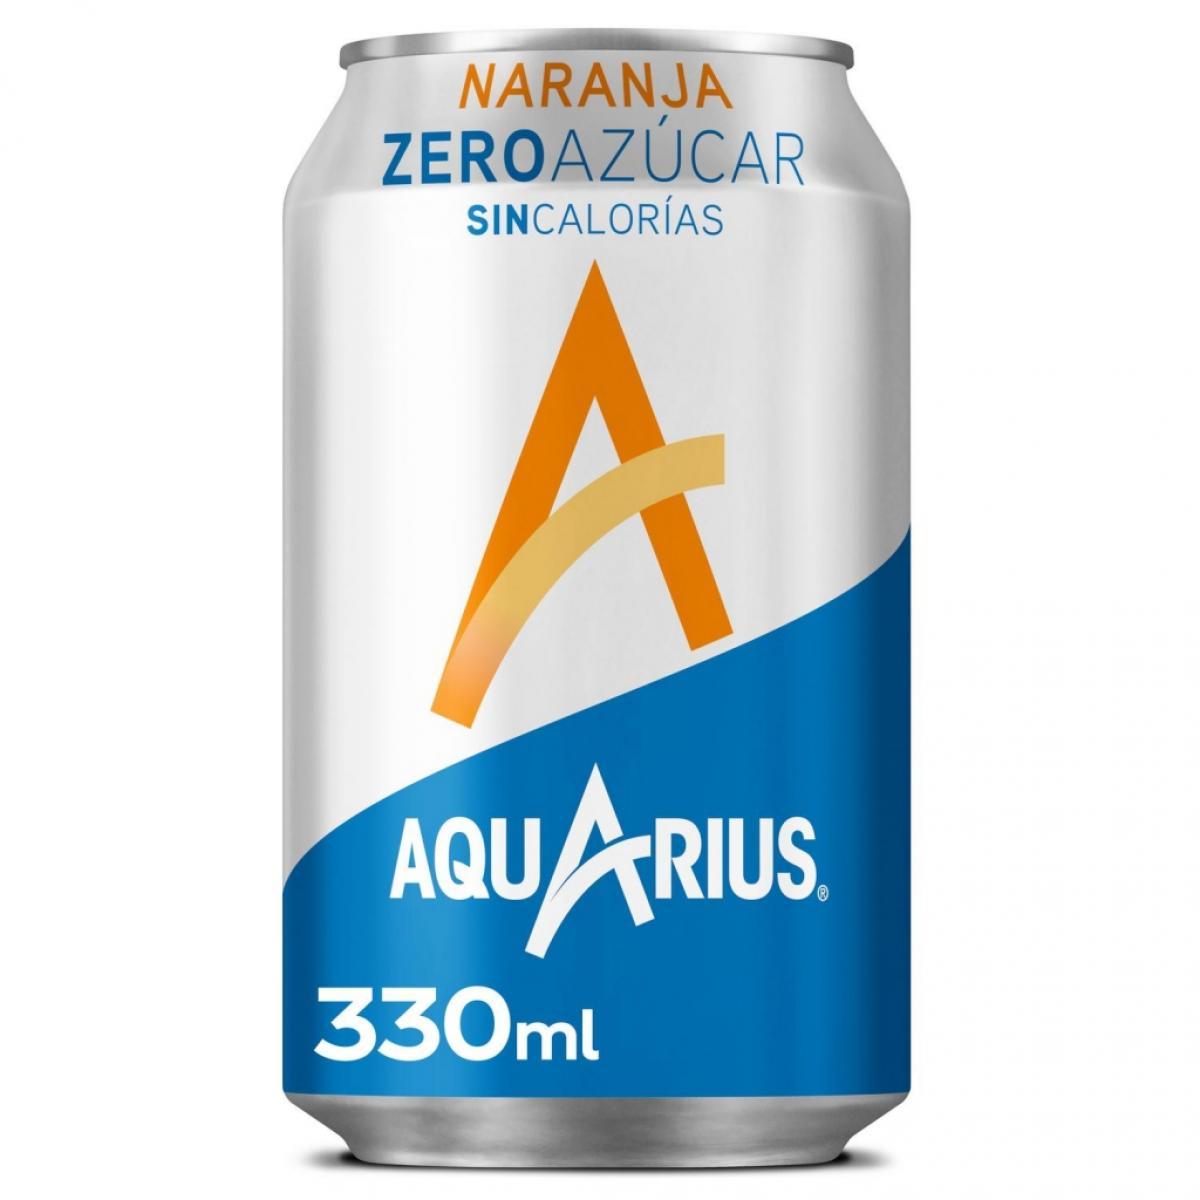 Aquarius sabor naranja zero azúcar sin calorías lata 33 cl.